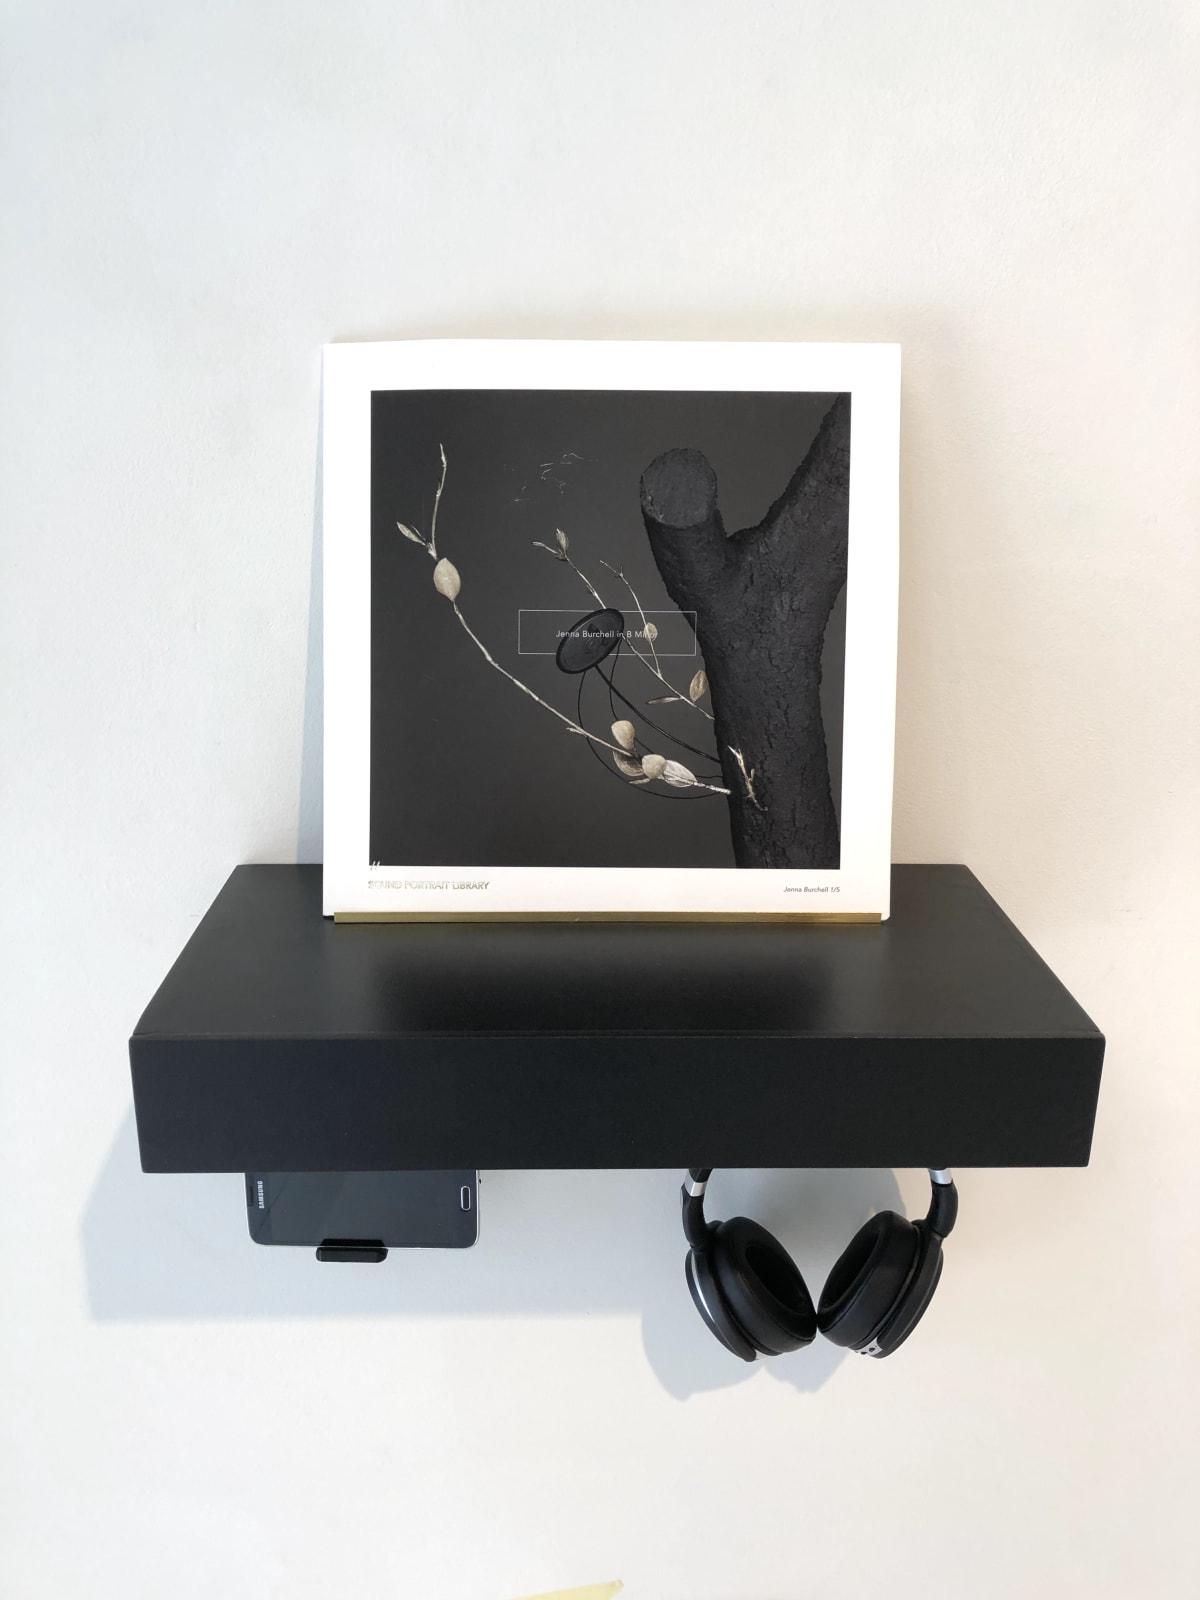 Jenna Burchell, Sound portrait - Jenna Burchell in B Minor, 2019